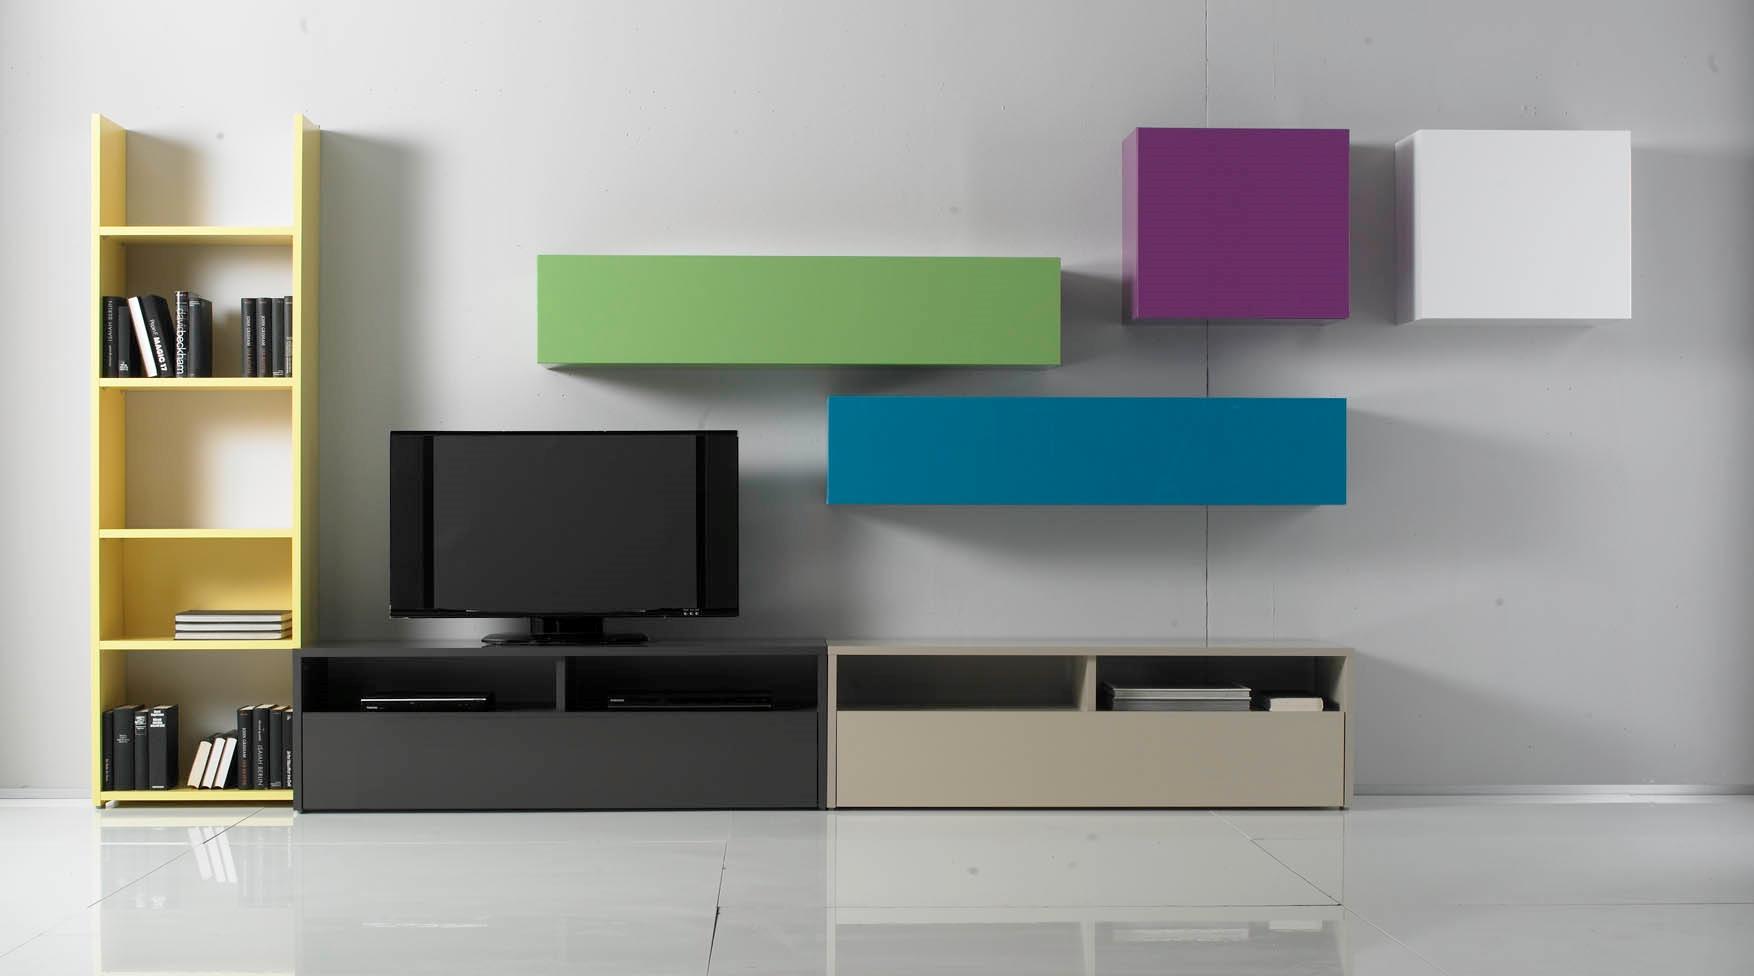 armadio laccato bianco per soggiorno : Tv Laccato Bianco Per Soggiorno O Salotto Arredo In Legno Massello Per ...